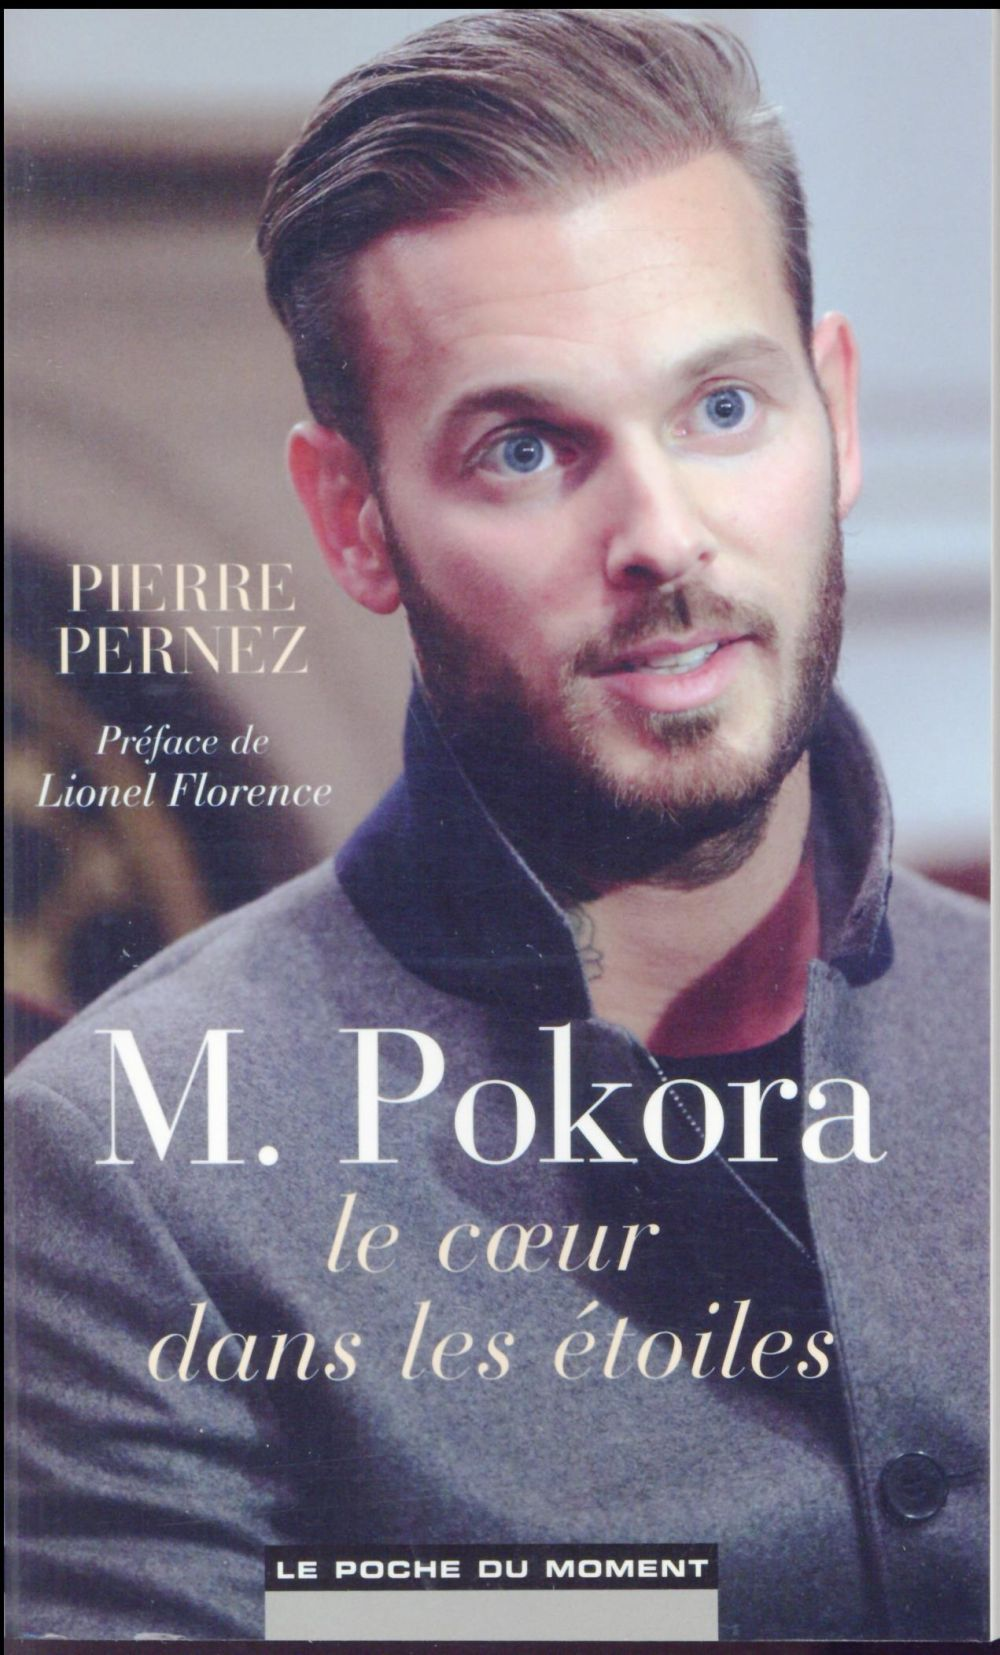 M. Pokora, le coeur dans les étoiles